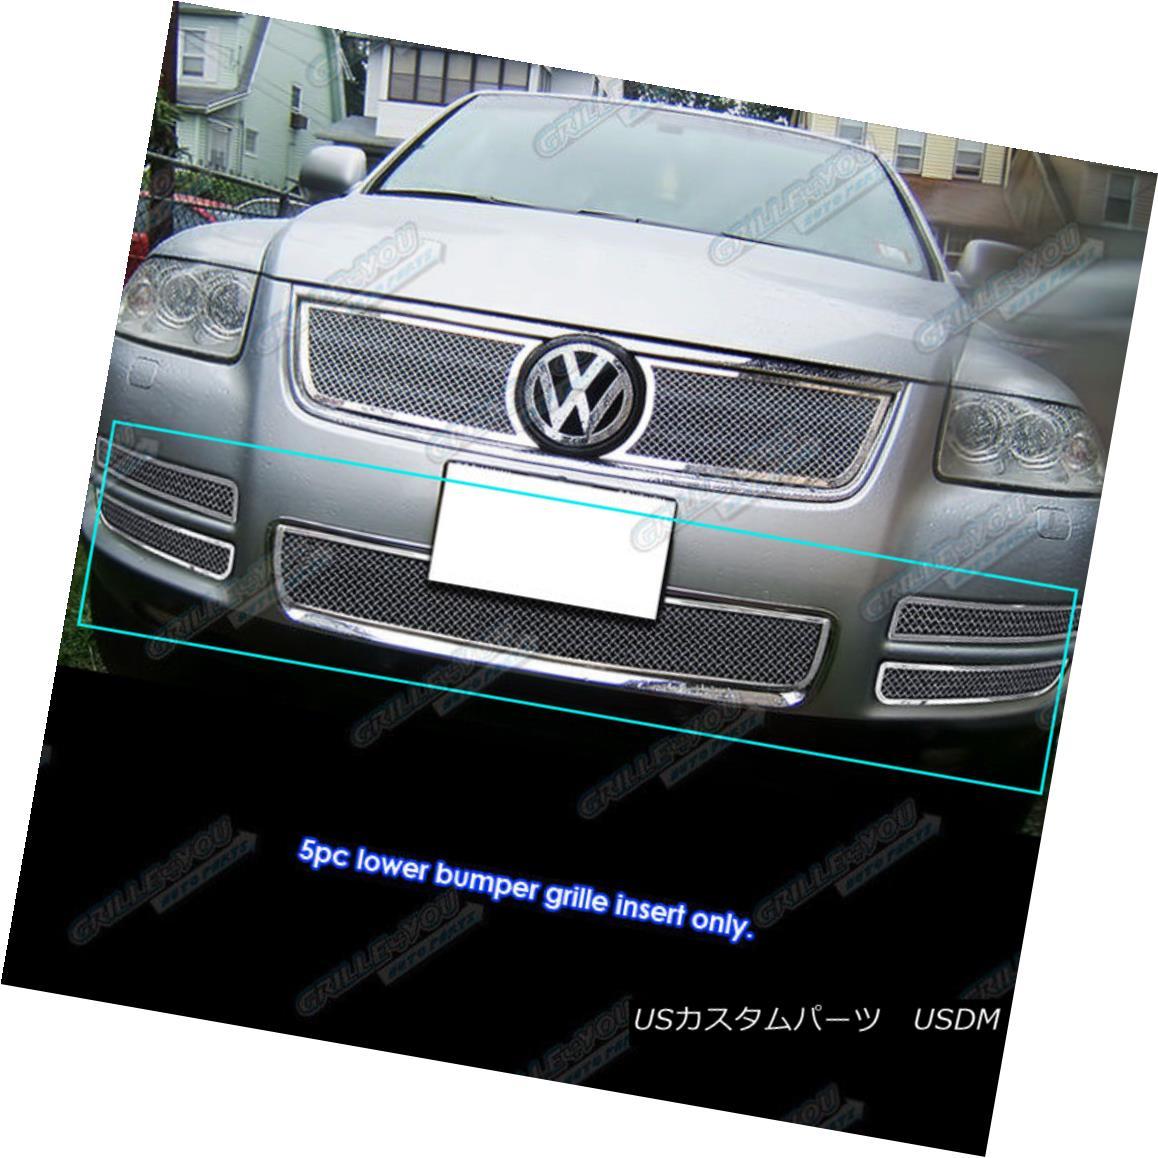 グリル For 03-07 VW Touareg V8 Bumper Stainless Steel Mesh Grille Grill Insert 03-07 VW用Touareg V8バンパーステンレスメッシュグリルグリルインサート